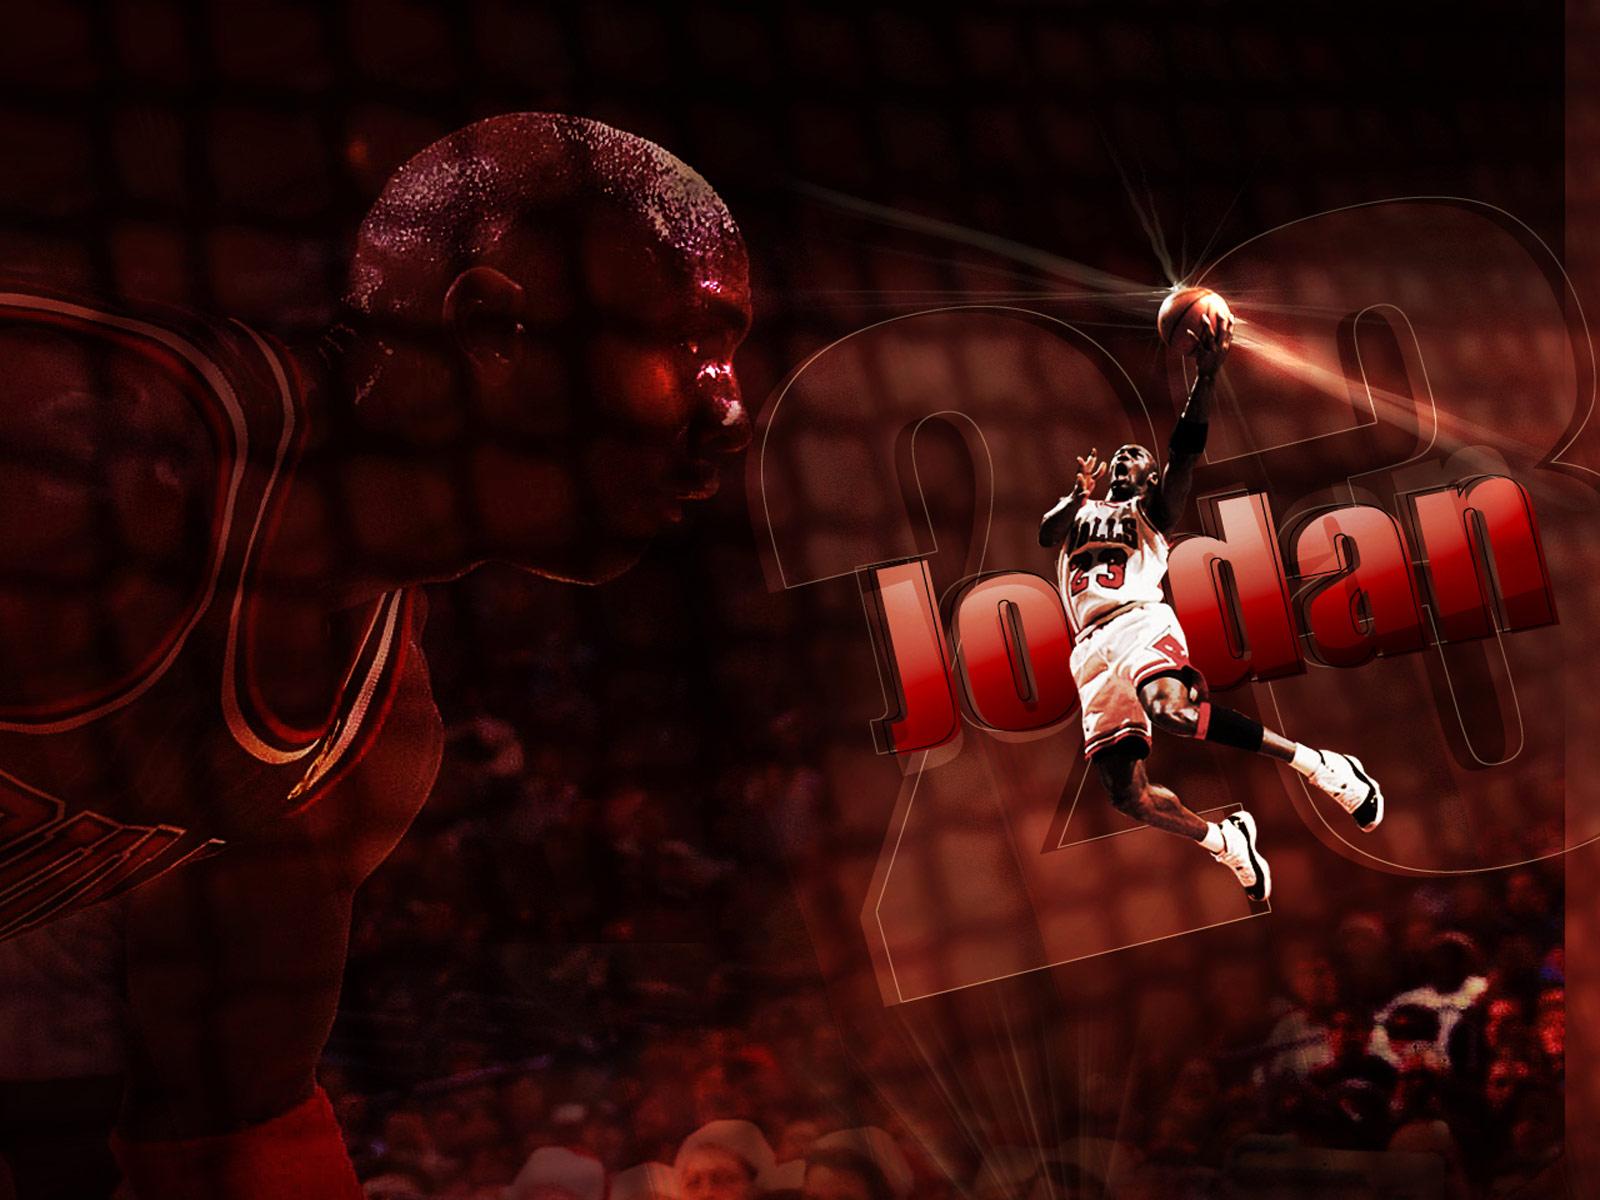 Cool Michael Jordan